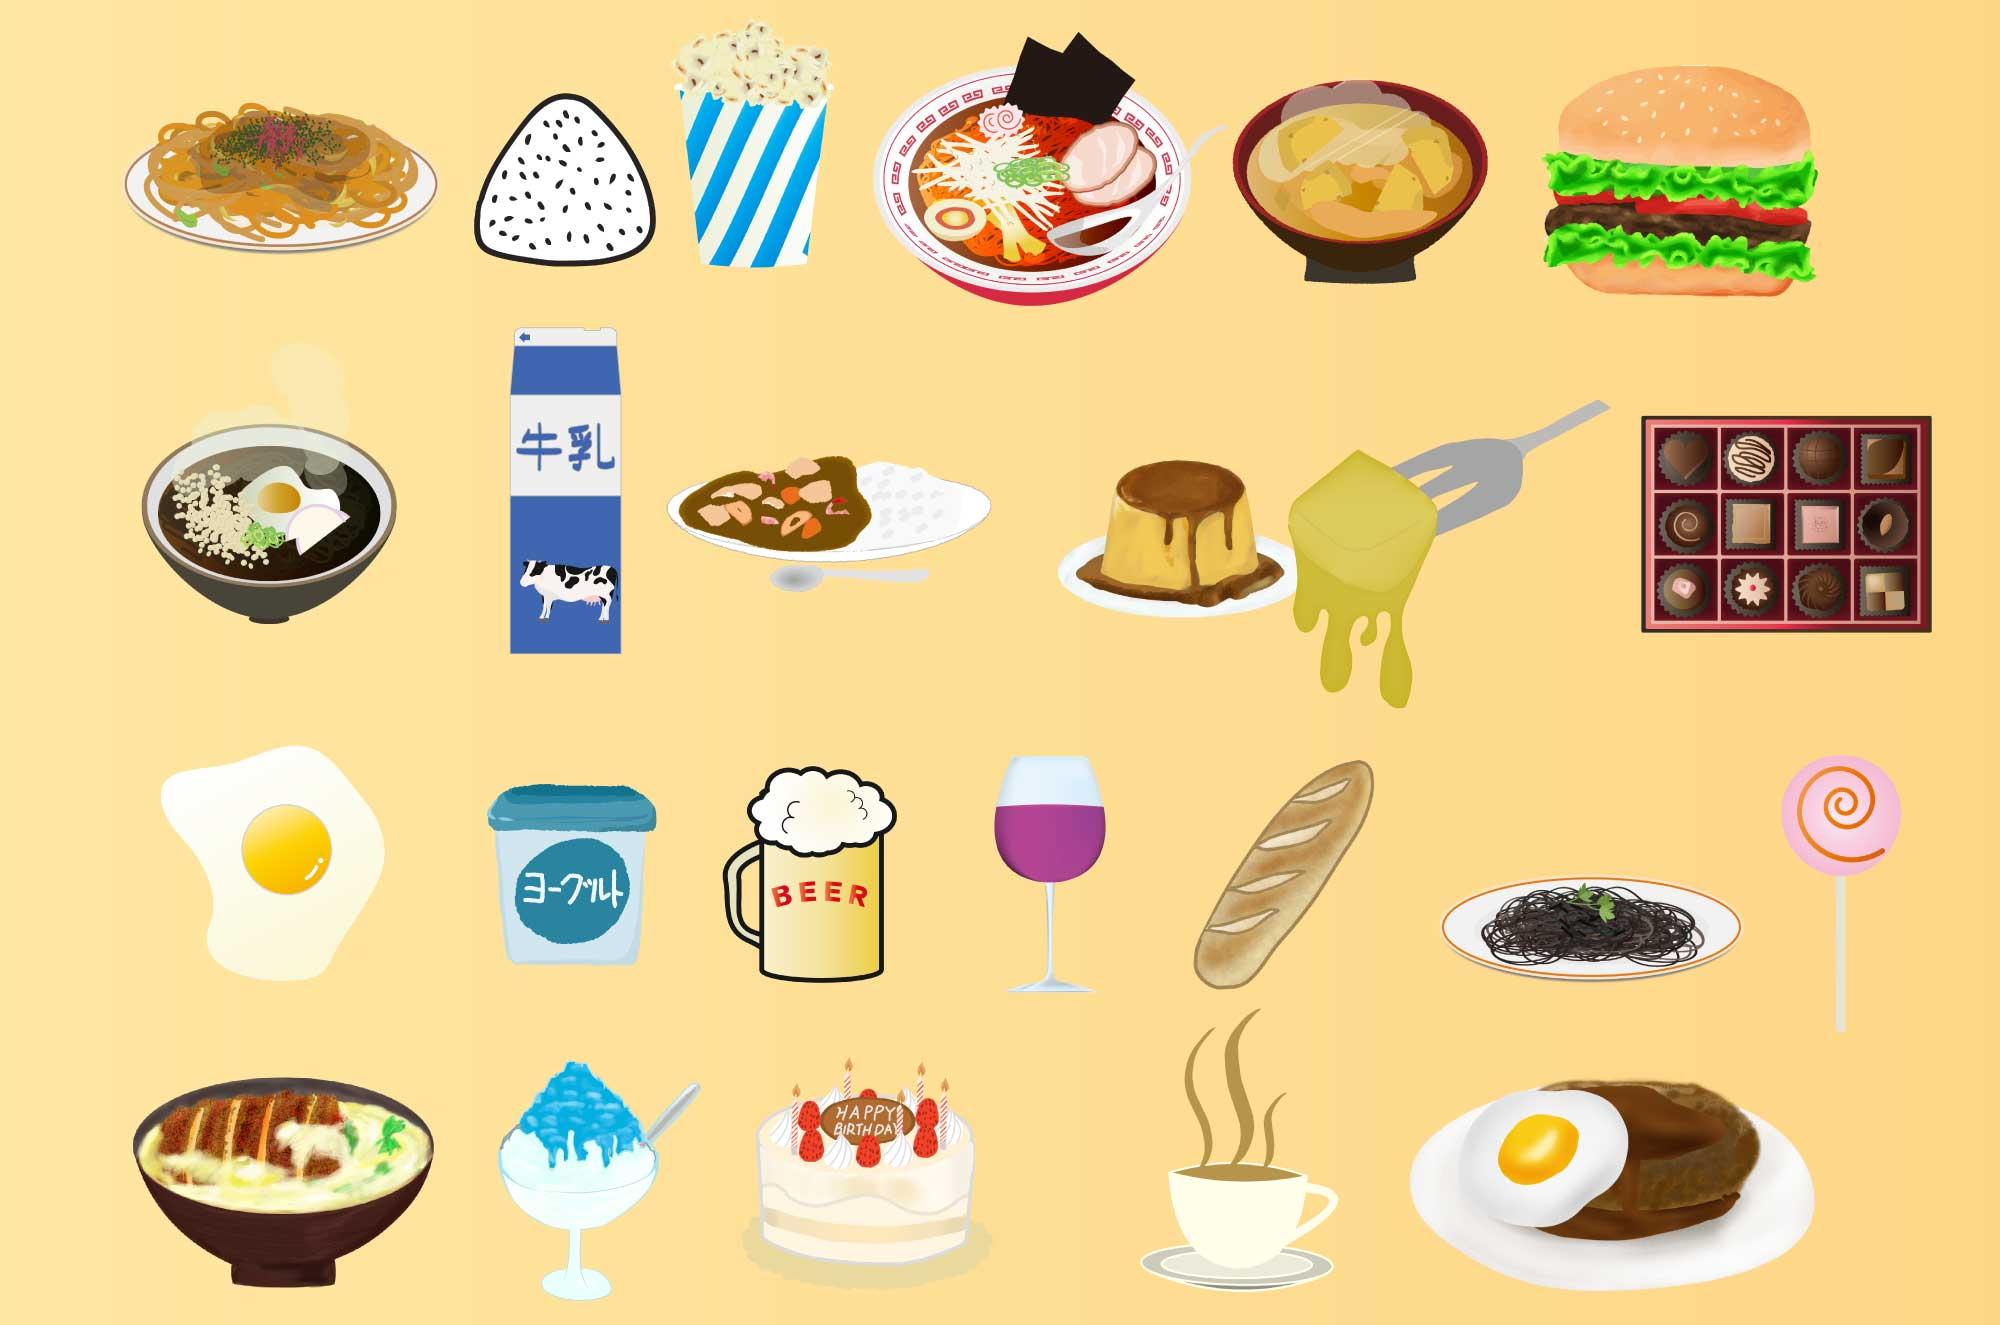 食べ物のイラスト - 無料で使える食のイメージ素材集 - チコデザ